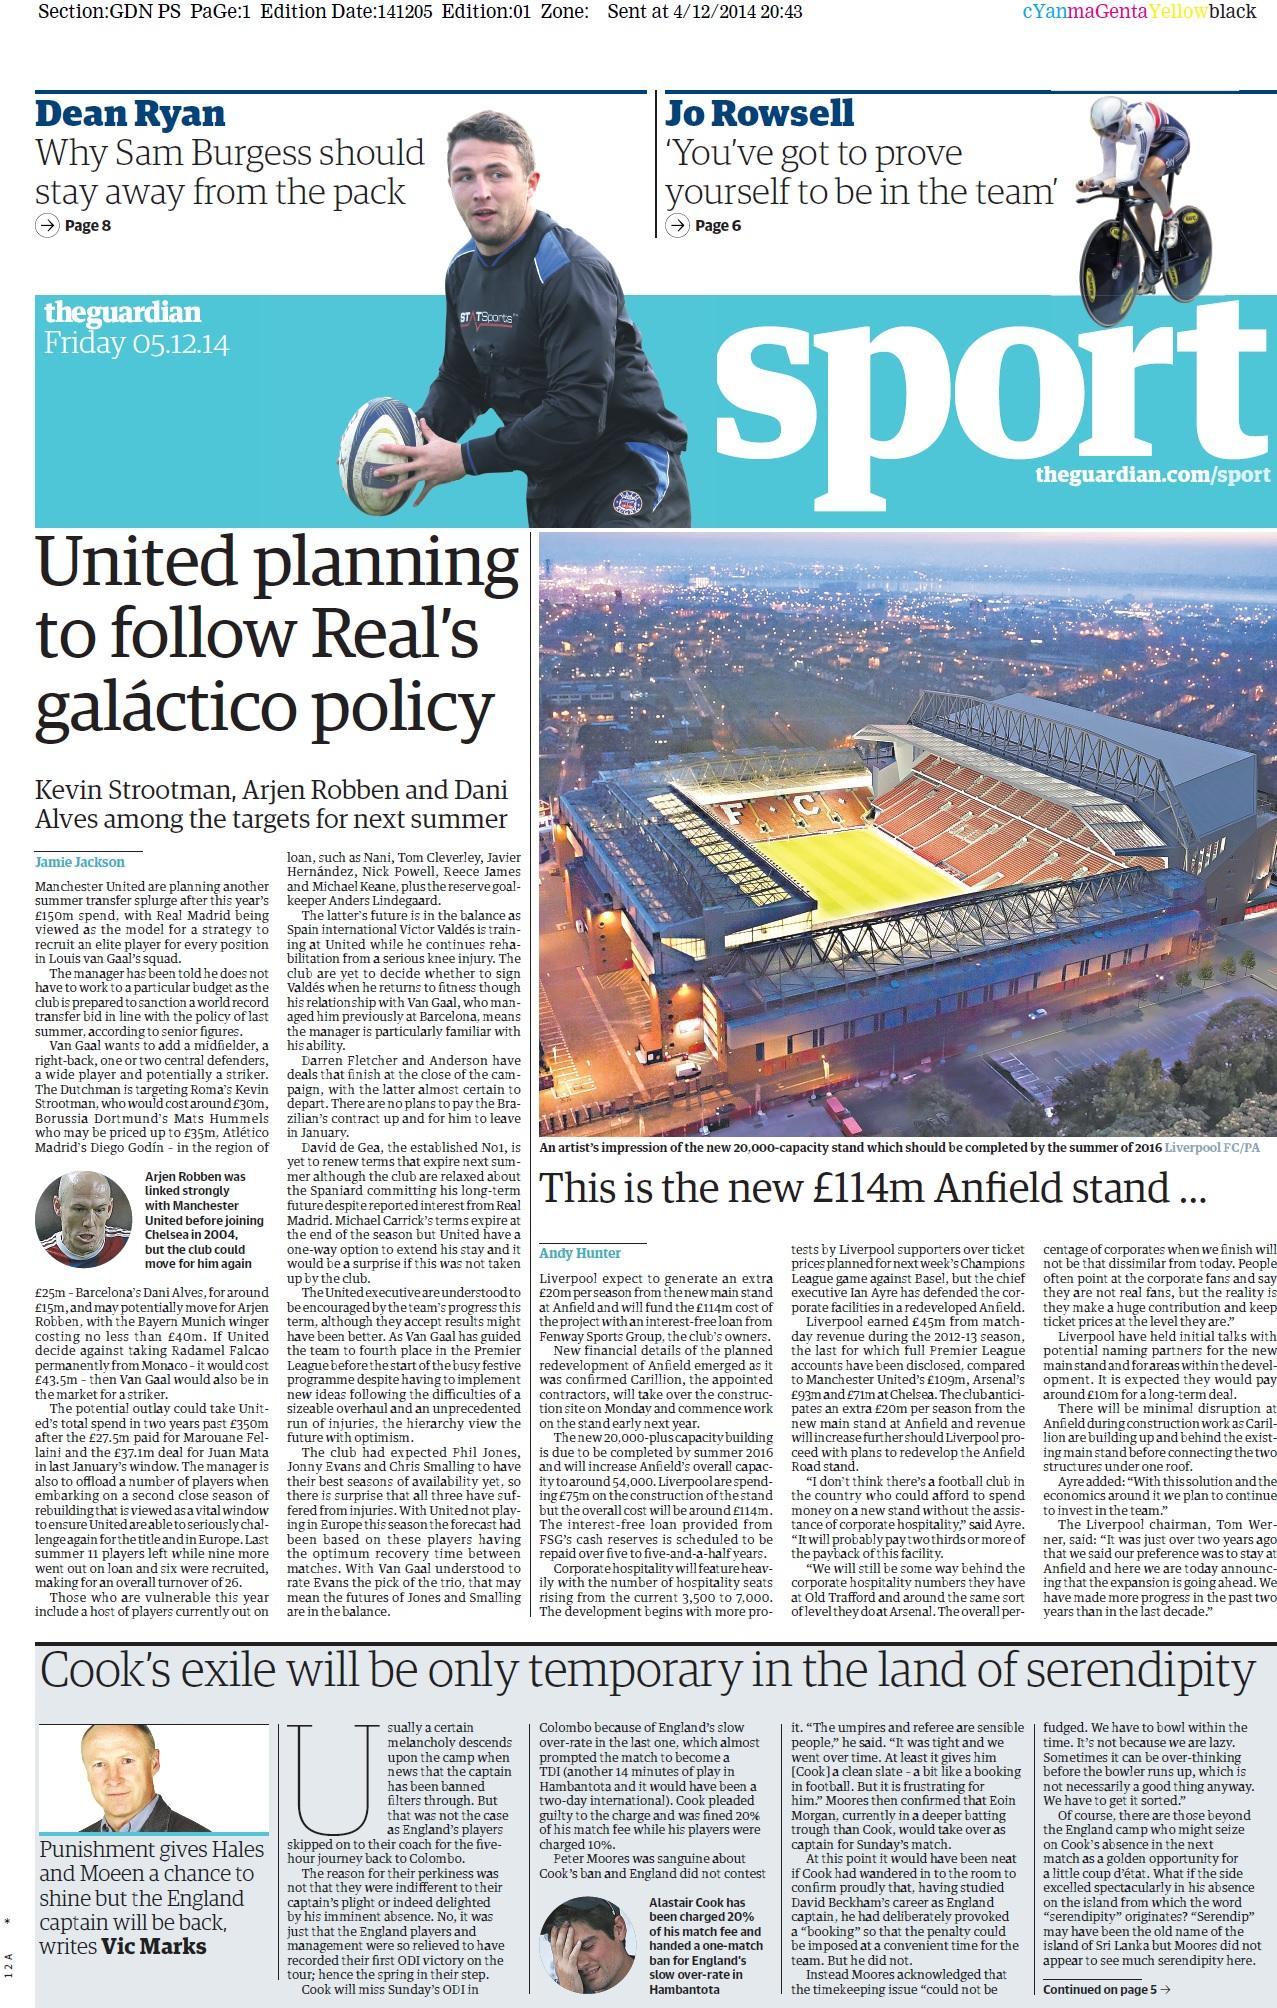 Portada de The Guardian del 5 de Diciembre